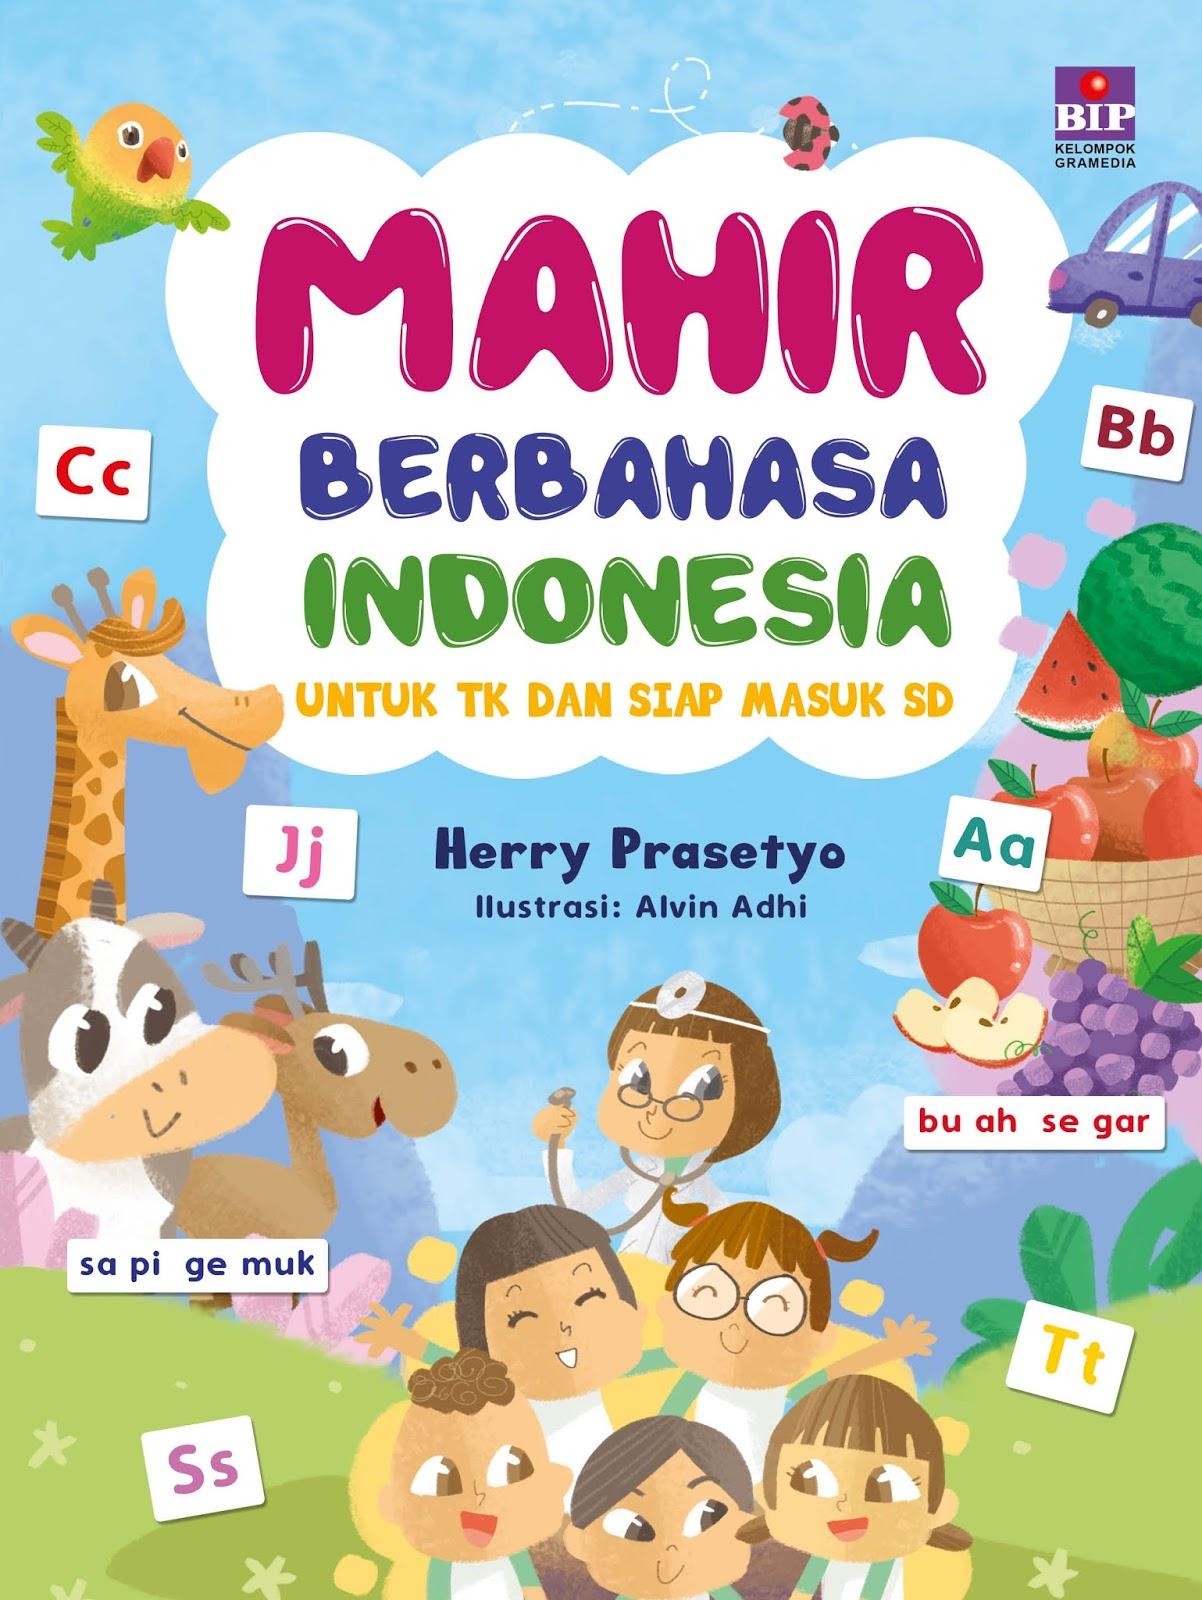 Buku ini juga bisa Anda gunakan untuk melatih anak menulis sejak usia dini Tidak hanya belajar menulis anak juga diperkenalkan kepada kecerdasan berbahasa